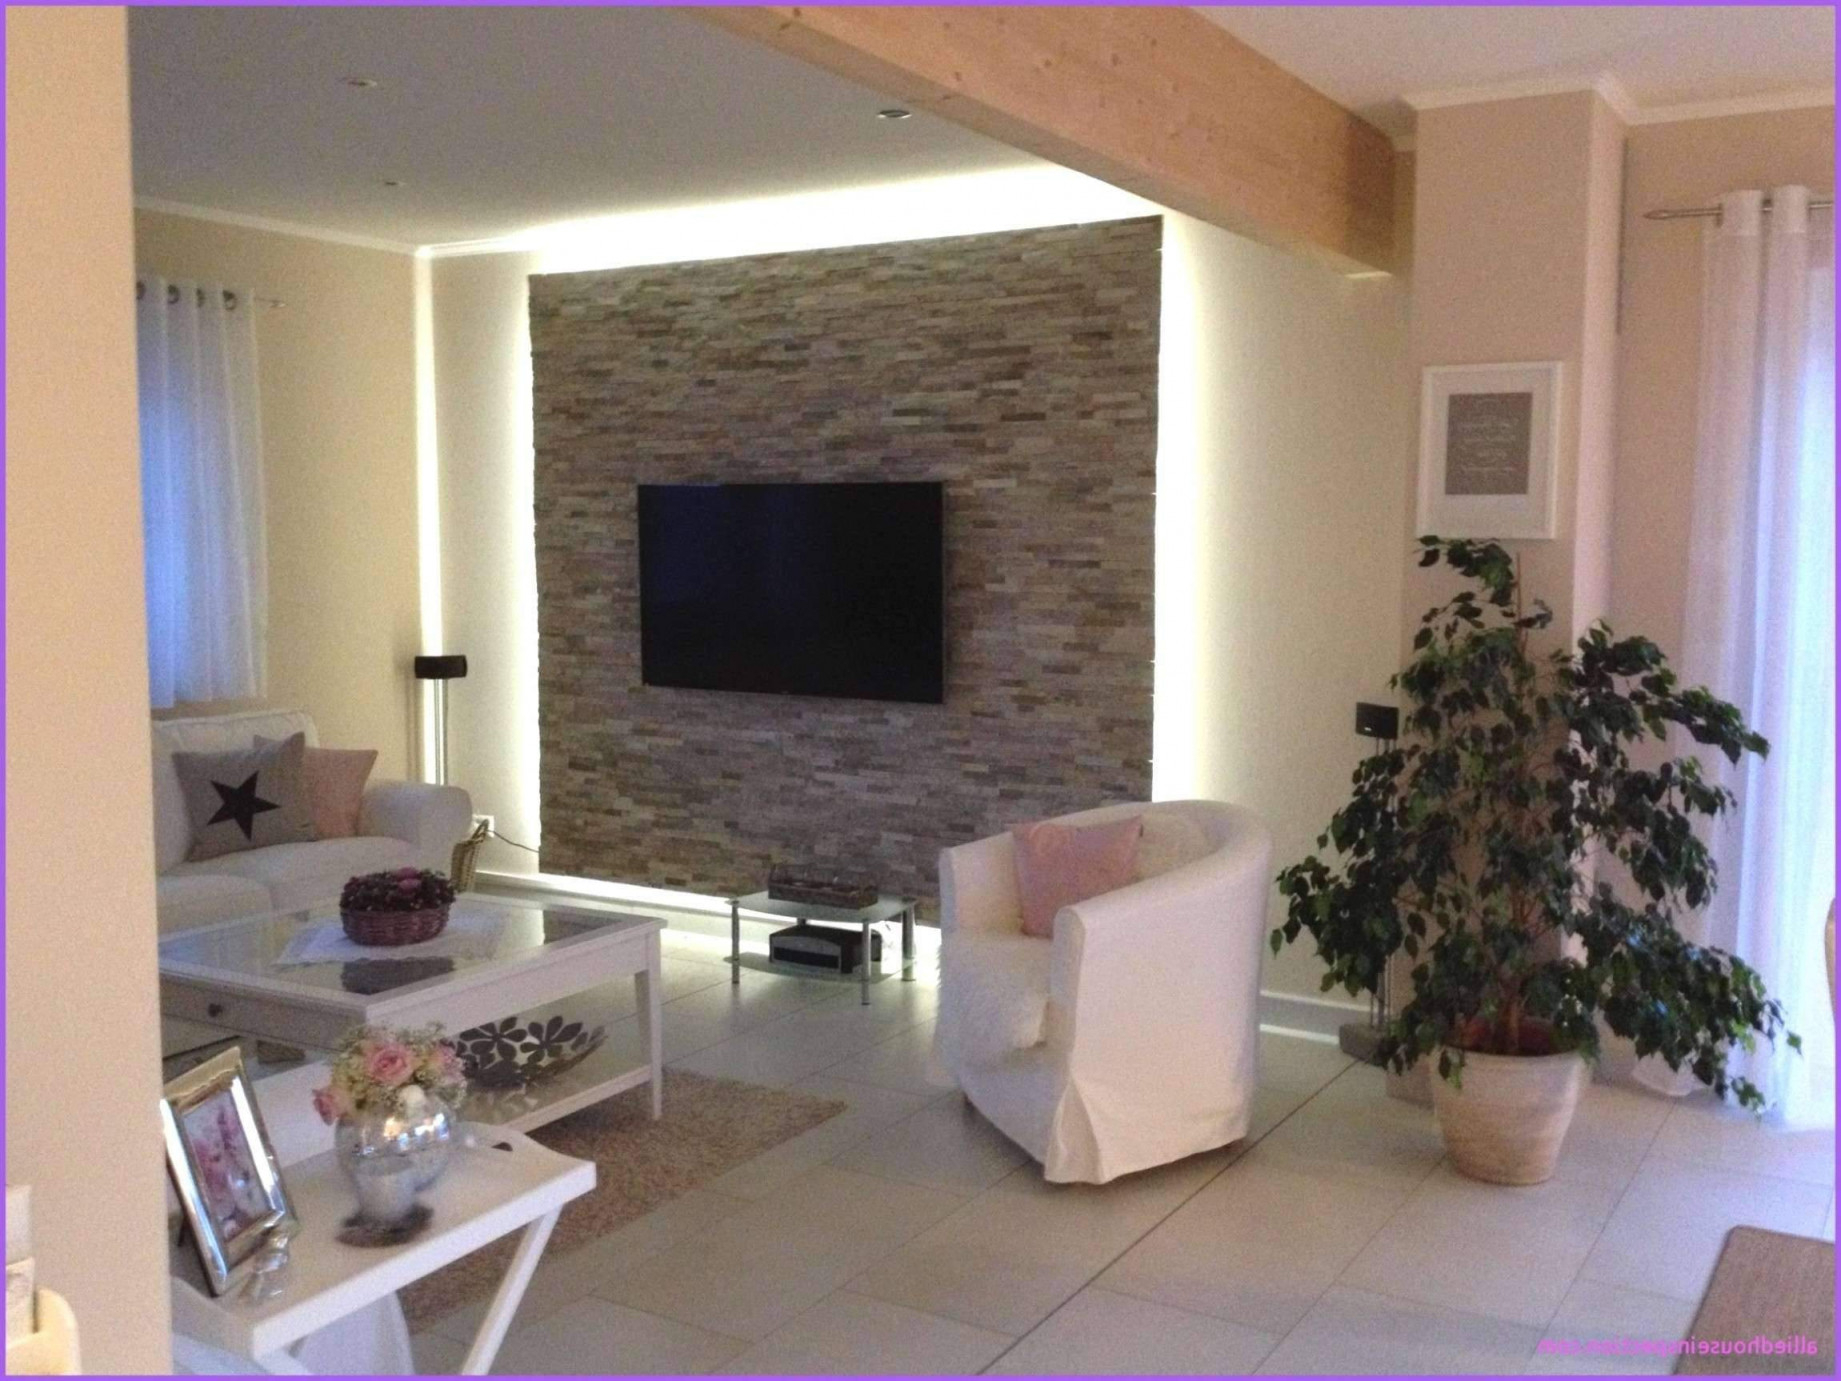 Wohnzimmer Ideen Wandgestaltung Streifen Das Beste Von Wand von Wandgestaltung Ideen Wohnzimmer Photo